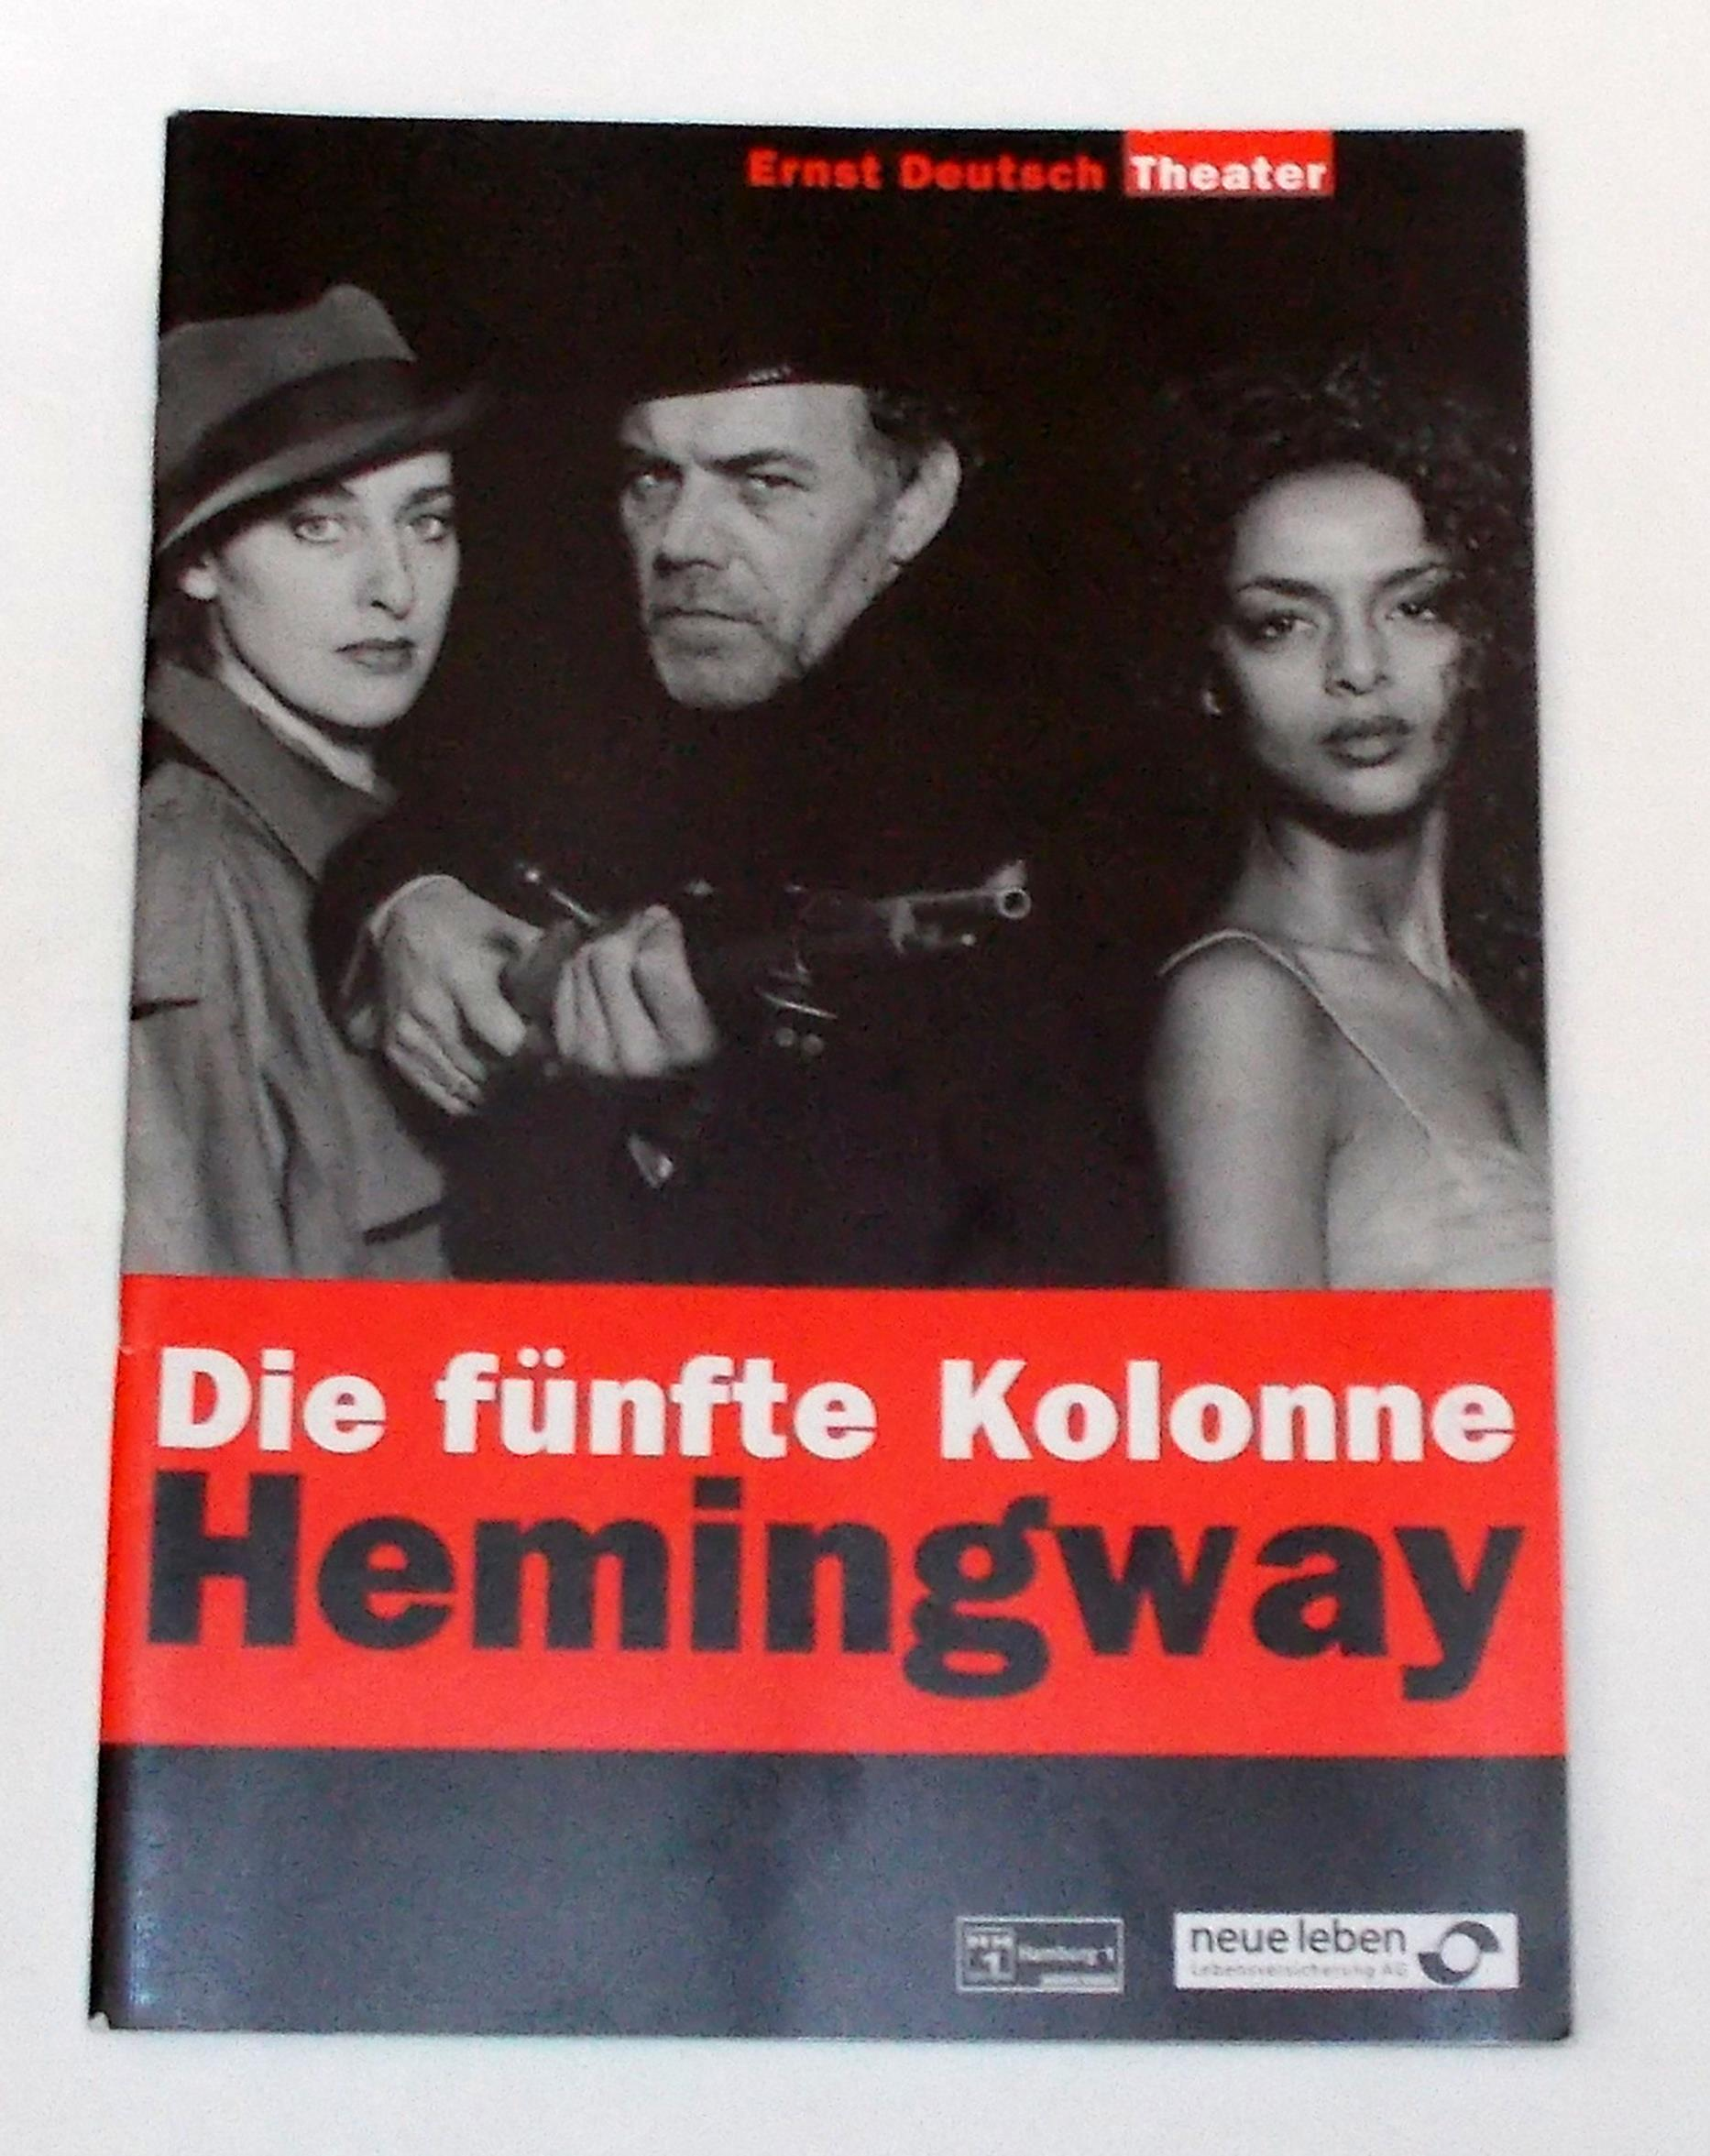 Programmheft Die fünfte Kolonne von Ernest Hemingway. Ernst Deutsch Theater 1999